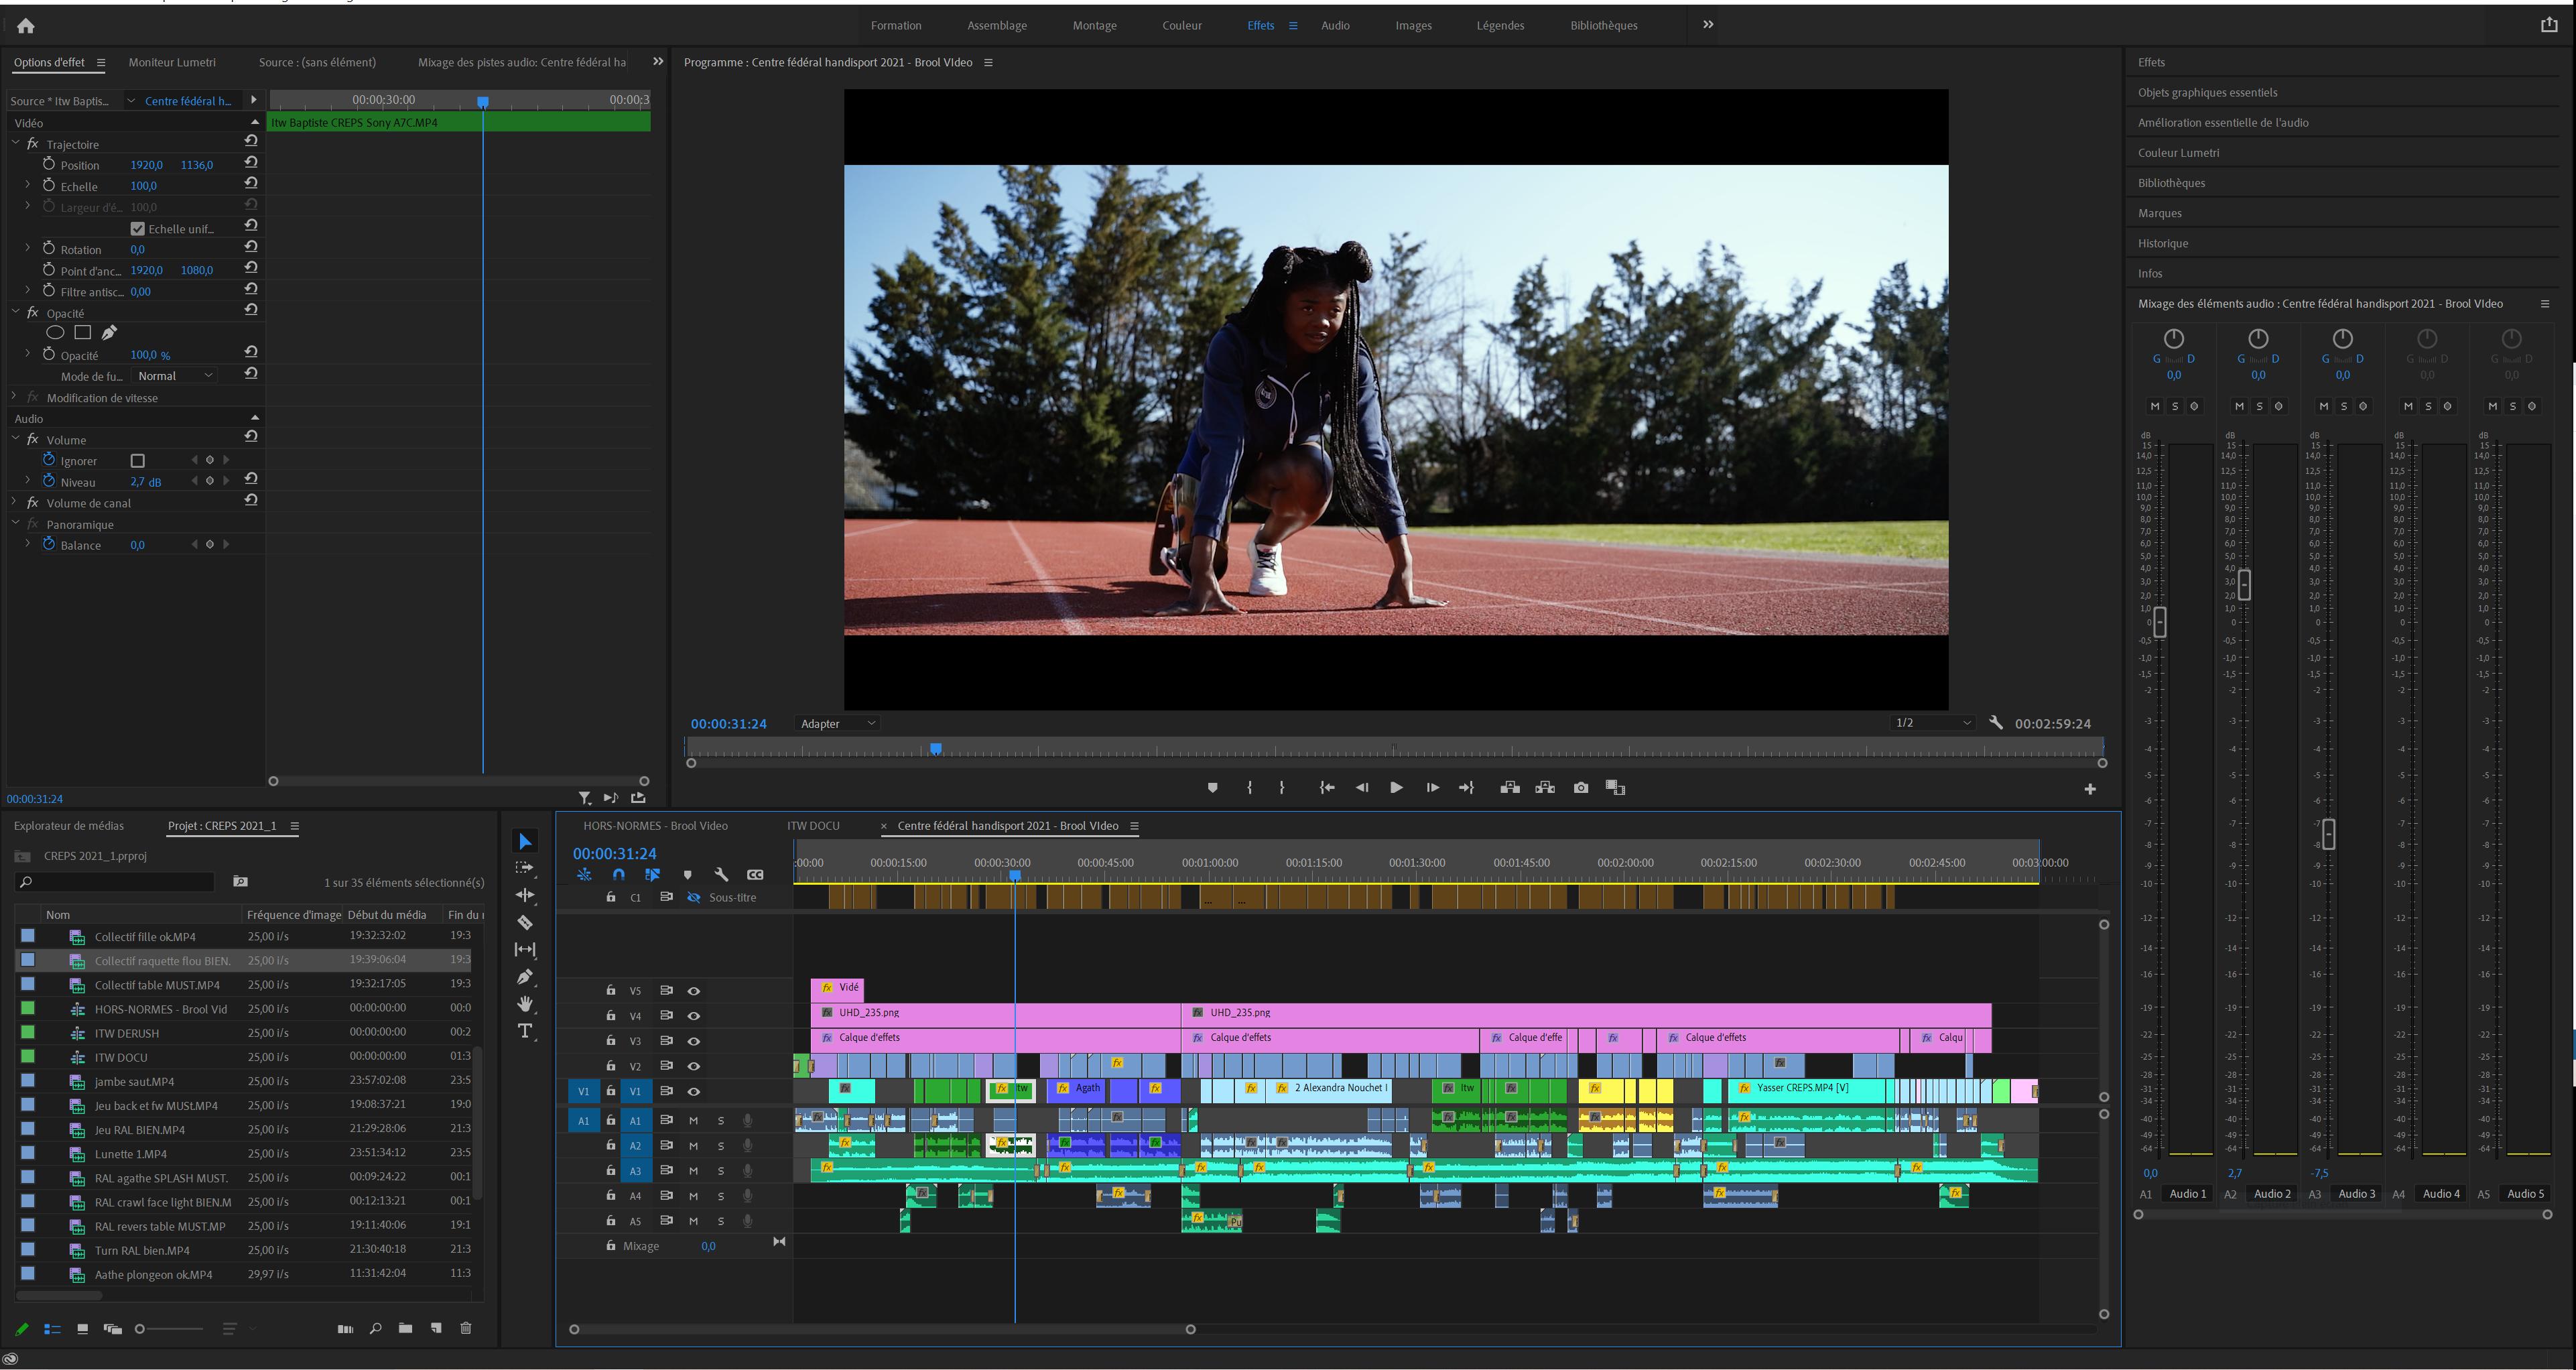 montage video premiere pro